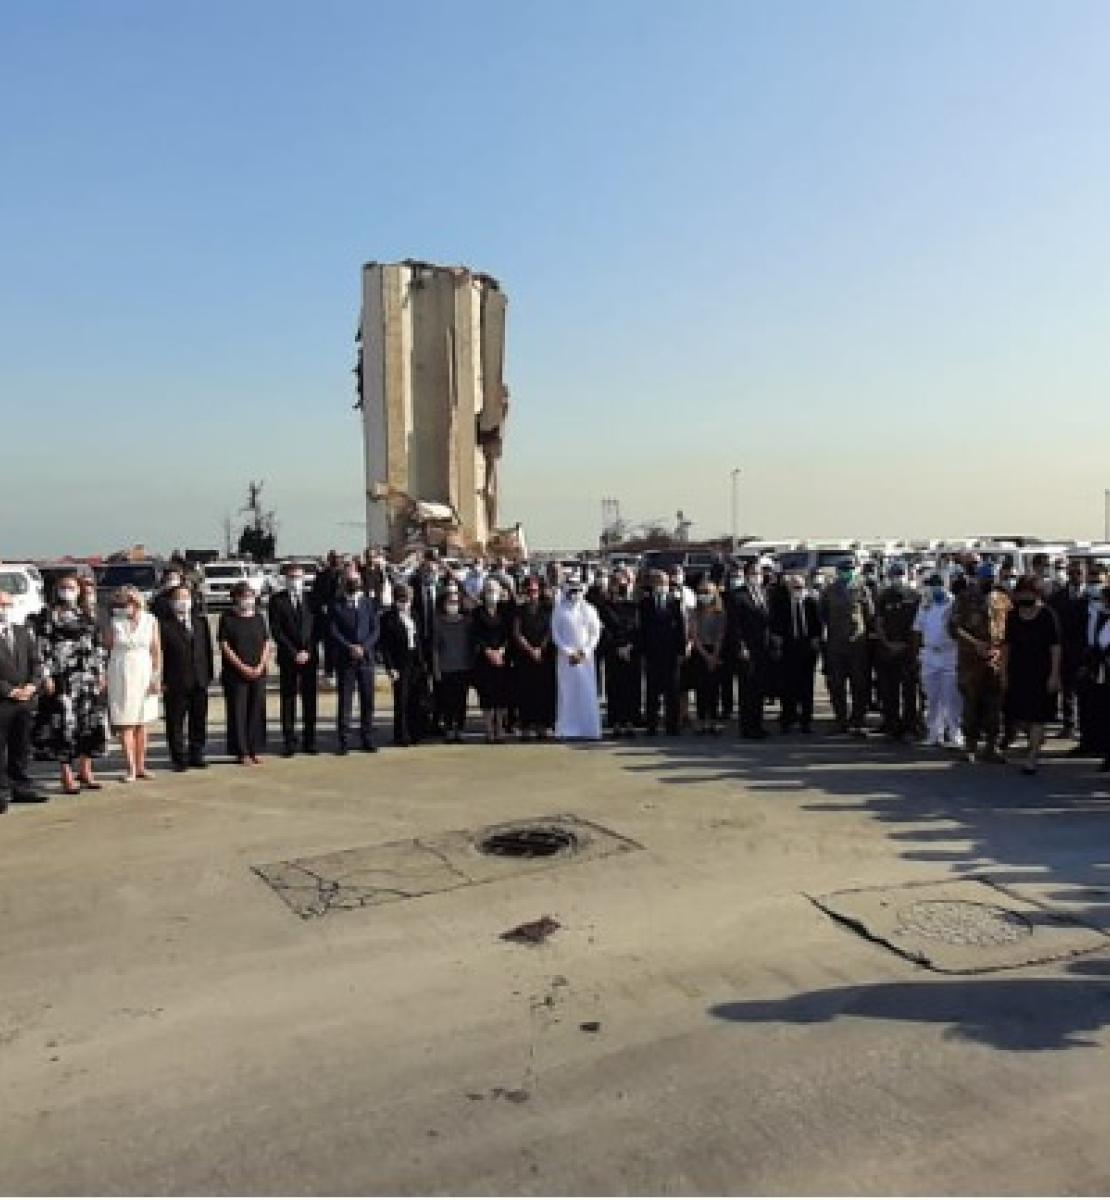 El personal de las Naciones Unidas y el Cuerpo Diplomático en el Líbano permanecen juntos en el exterior mientras guardan un minuto de silencio en honor de las personas que murieron en las explosiones del puerto de Beirut.